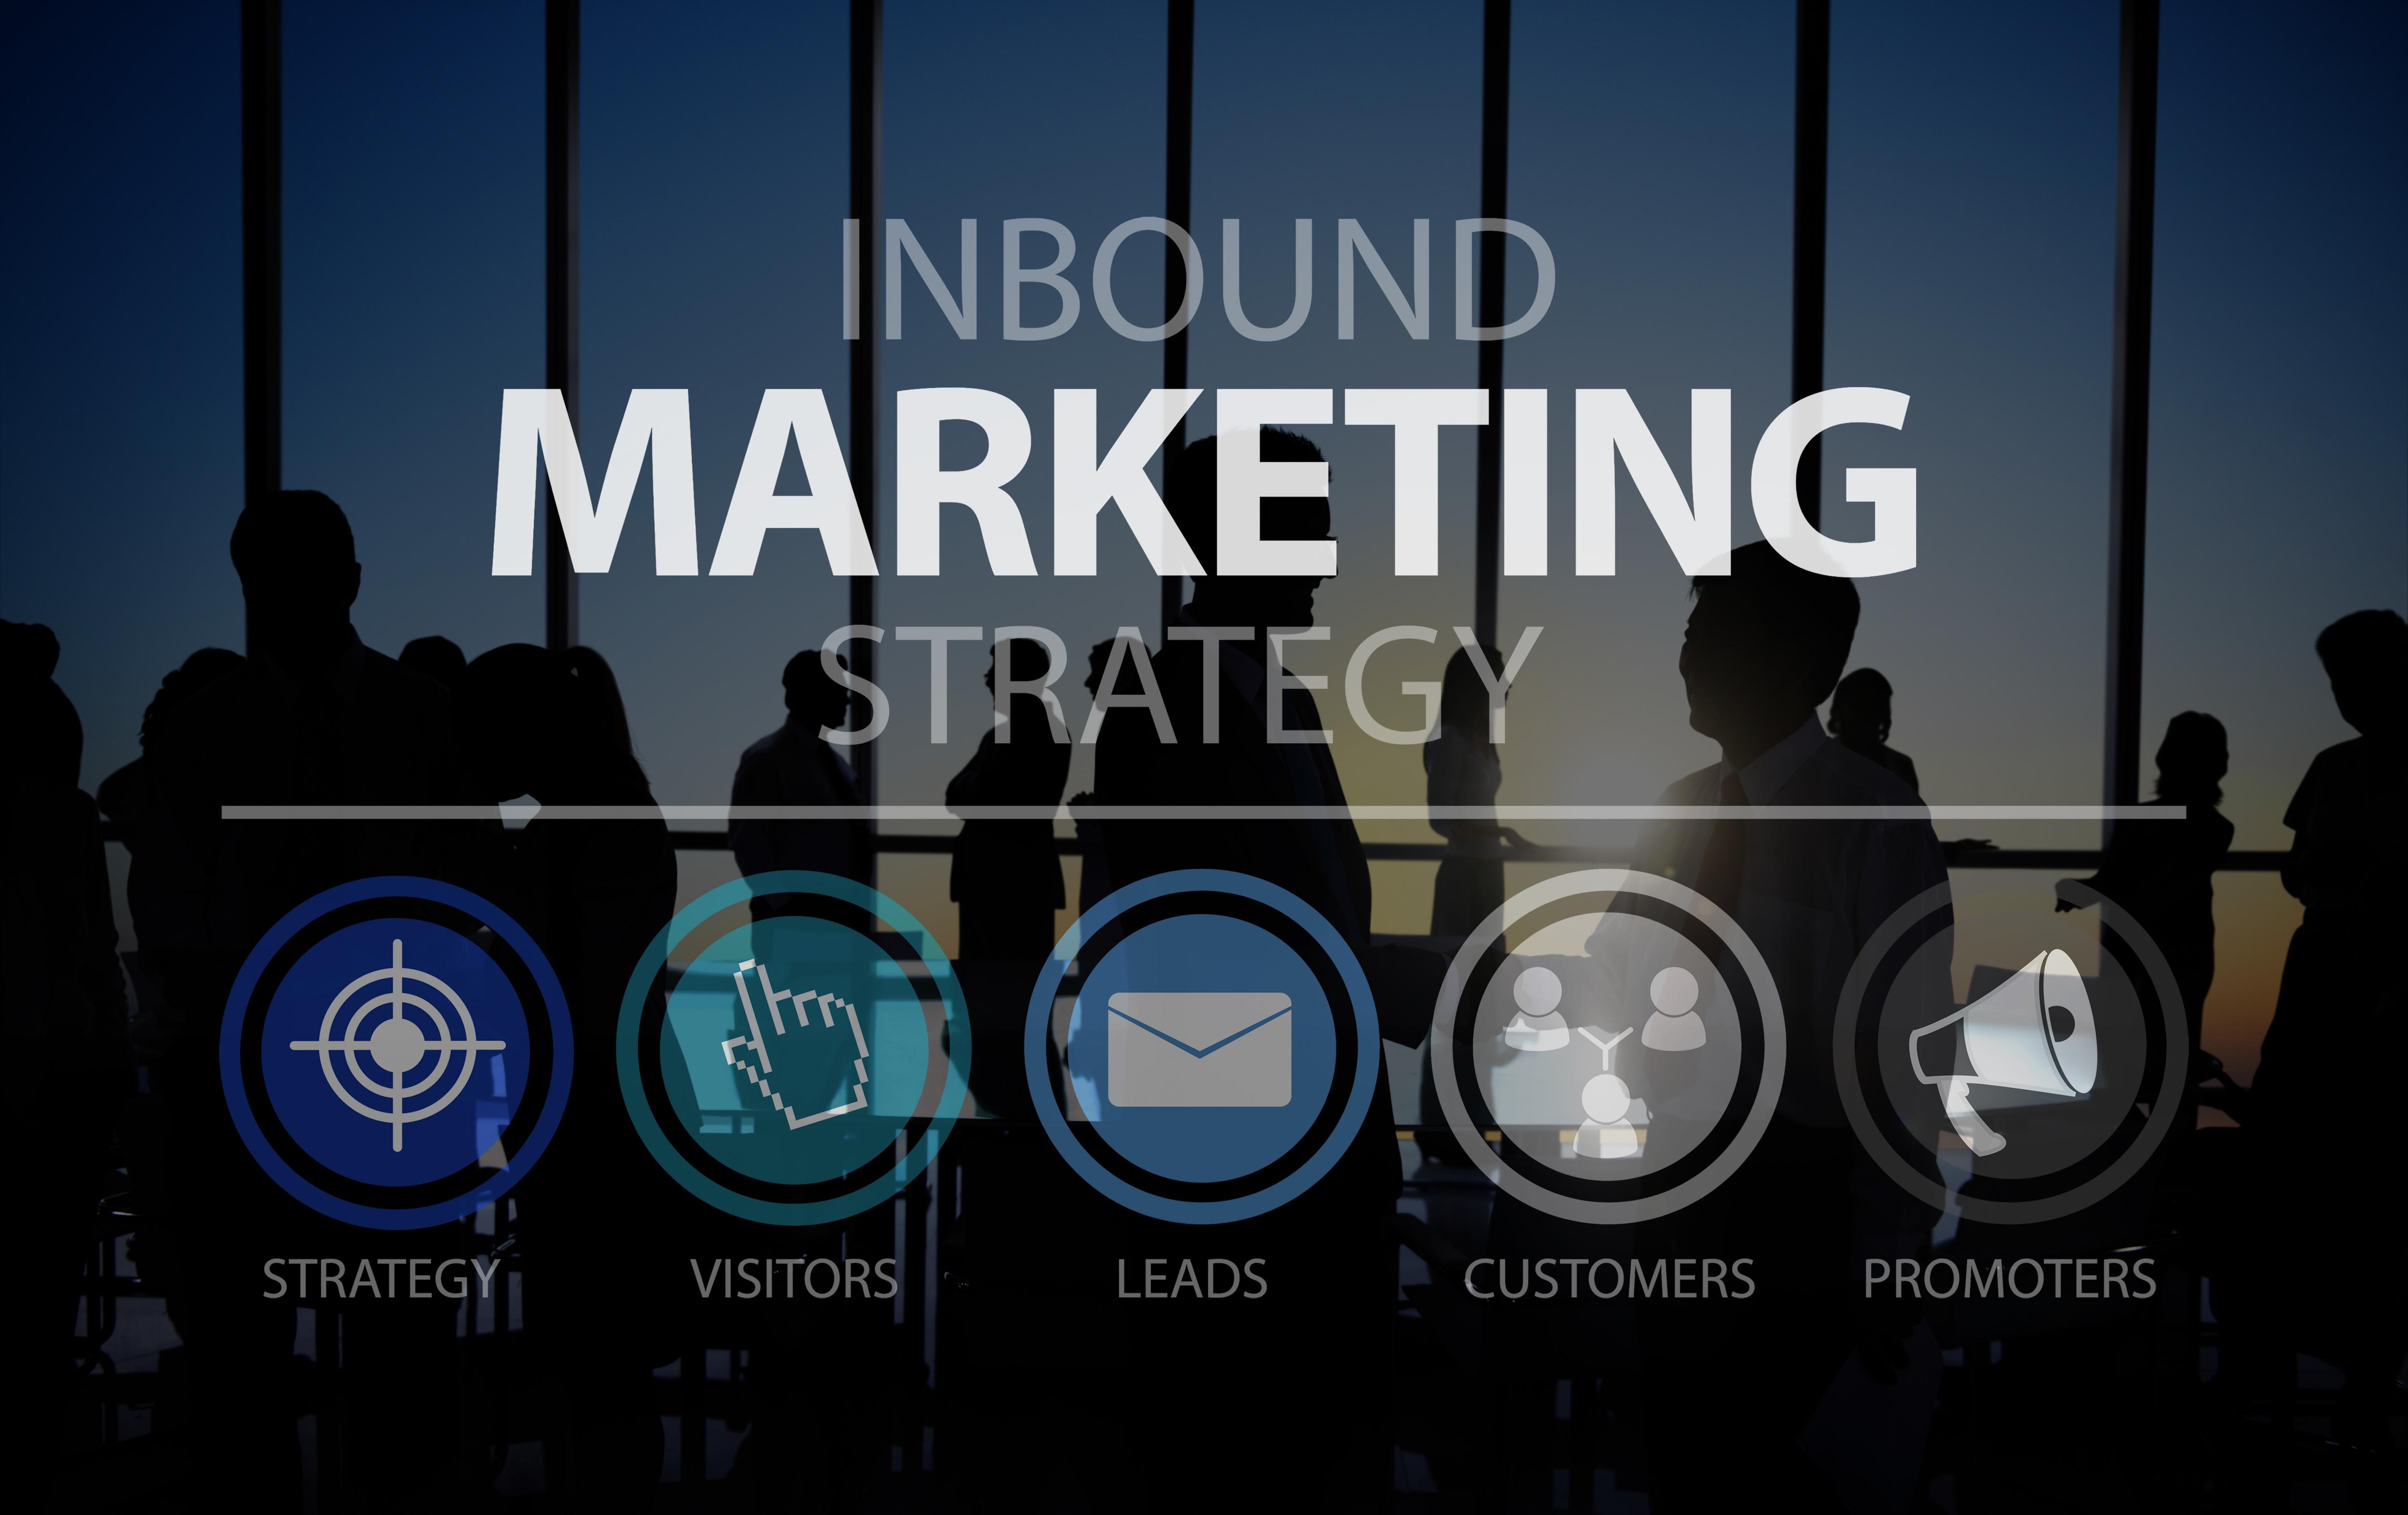 Inbound Marketing para Pymes: cómo conseguir que los clientes se acerquen a usted